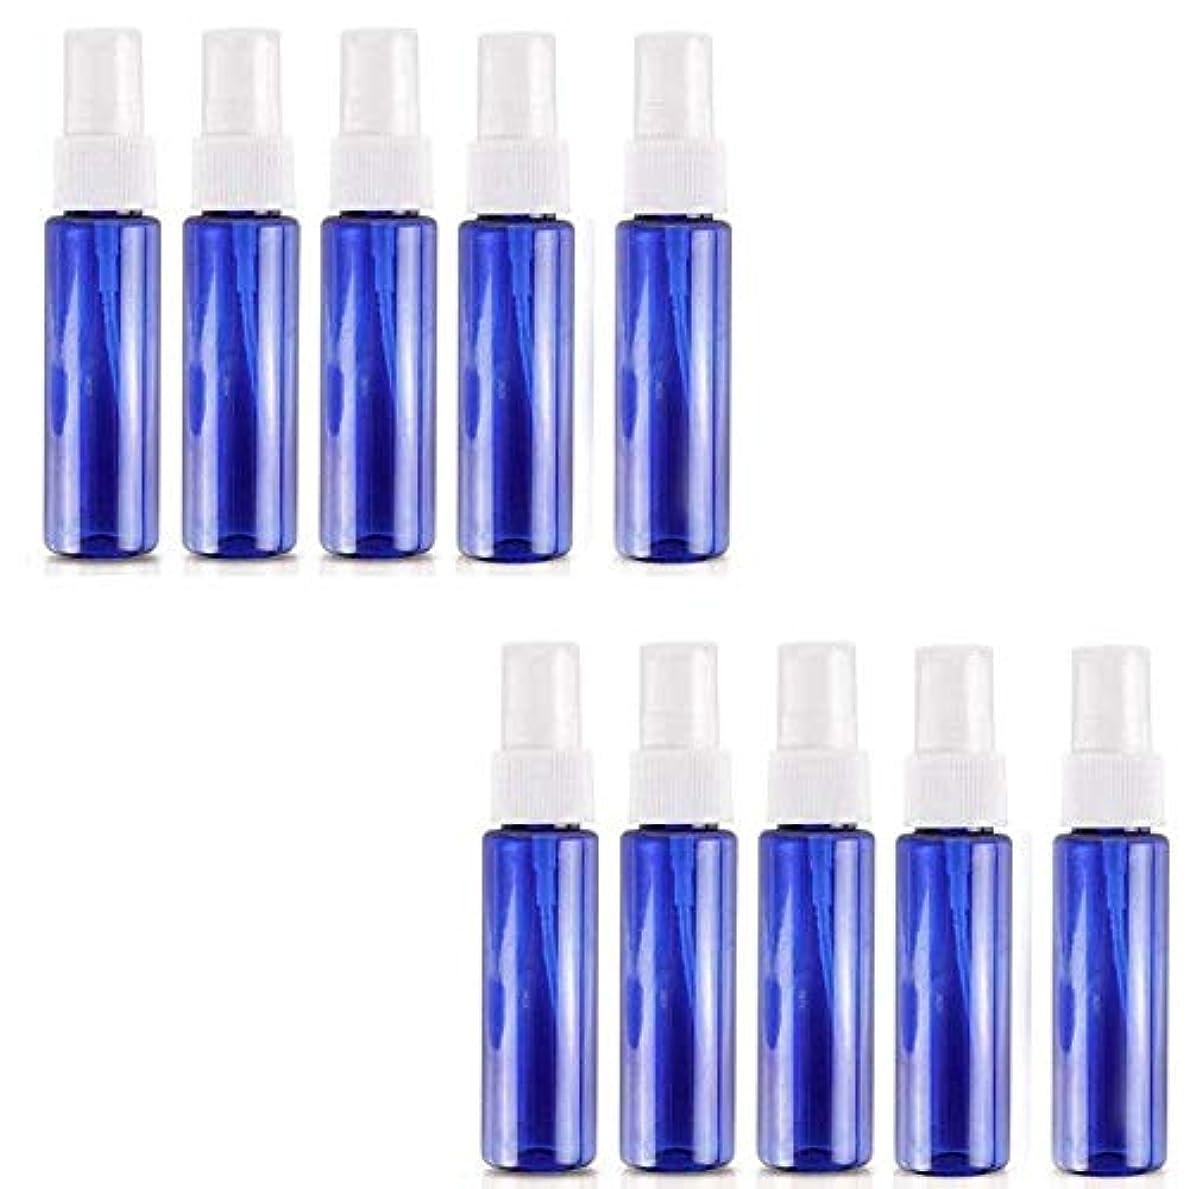 希望に満ちた判定アクロバット30ML 遮光瓶スプレー 10本 アロマ虫除けスプレー プラスチック製 青